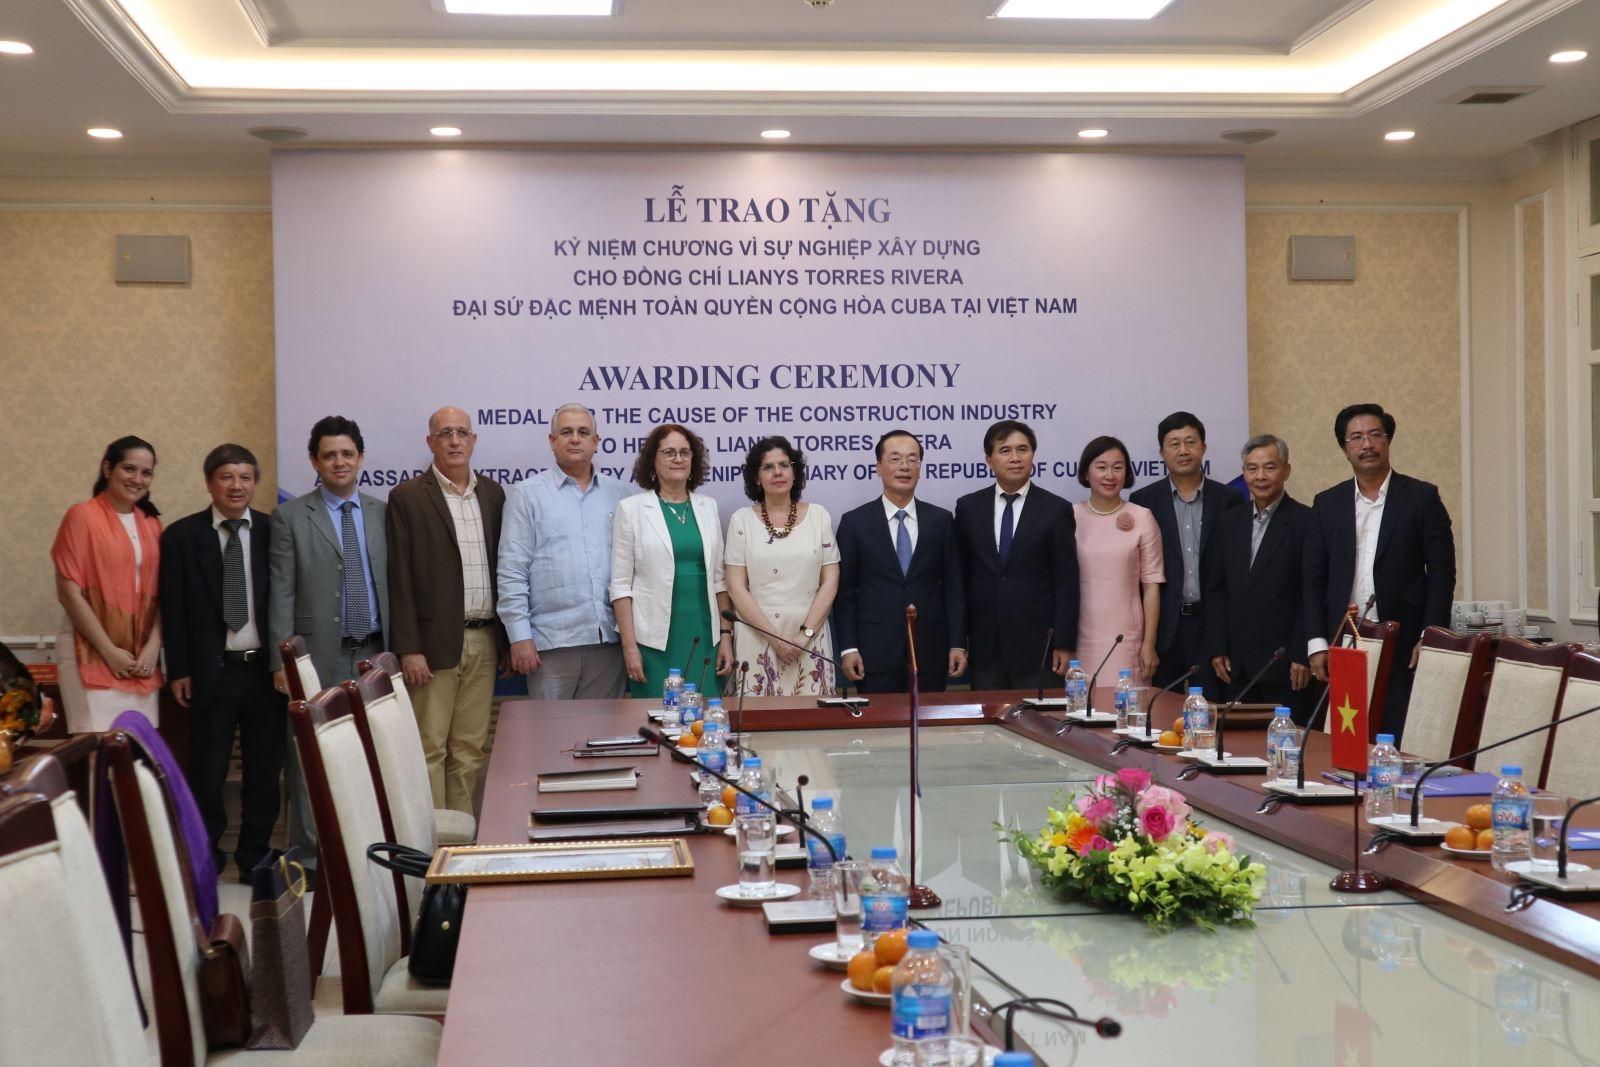 """Trao tặng """"Kỷ niệm chương vì sự nghiệp Xây dựng"""" cho Đại sứ Cuba tại Việt Nam"""